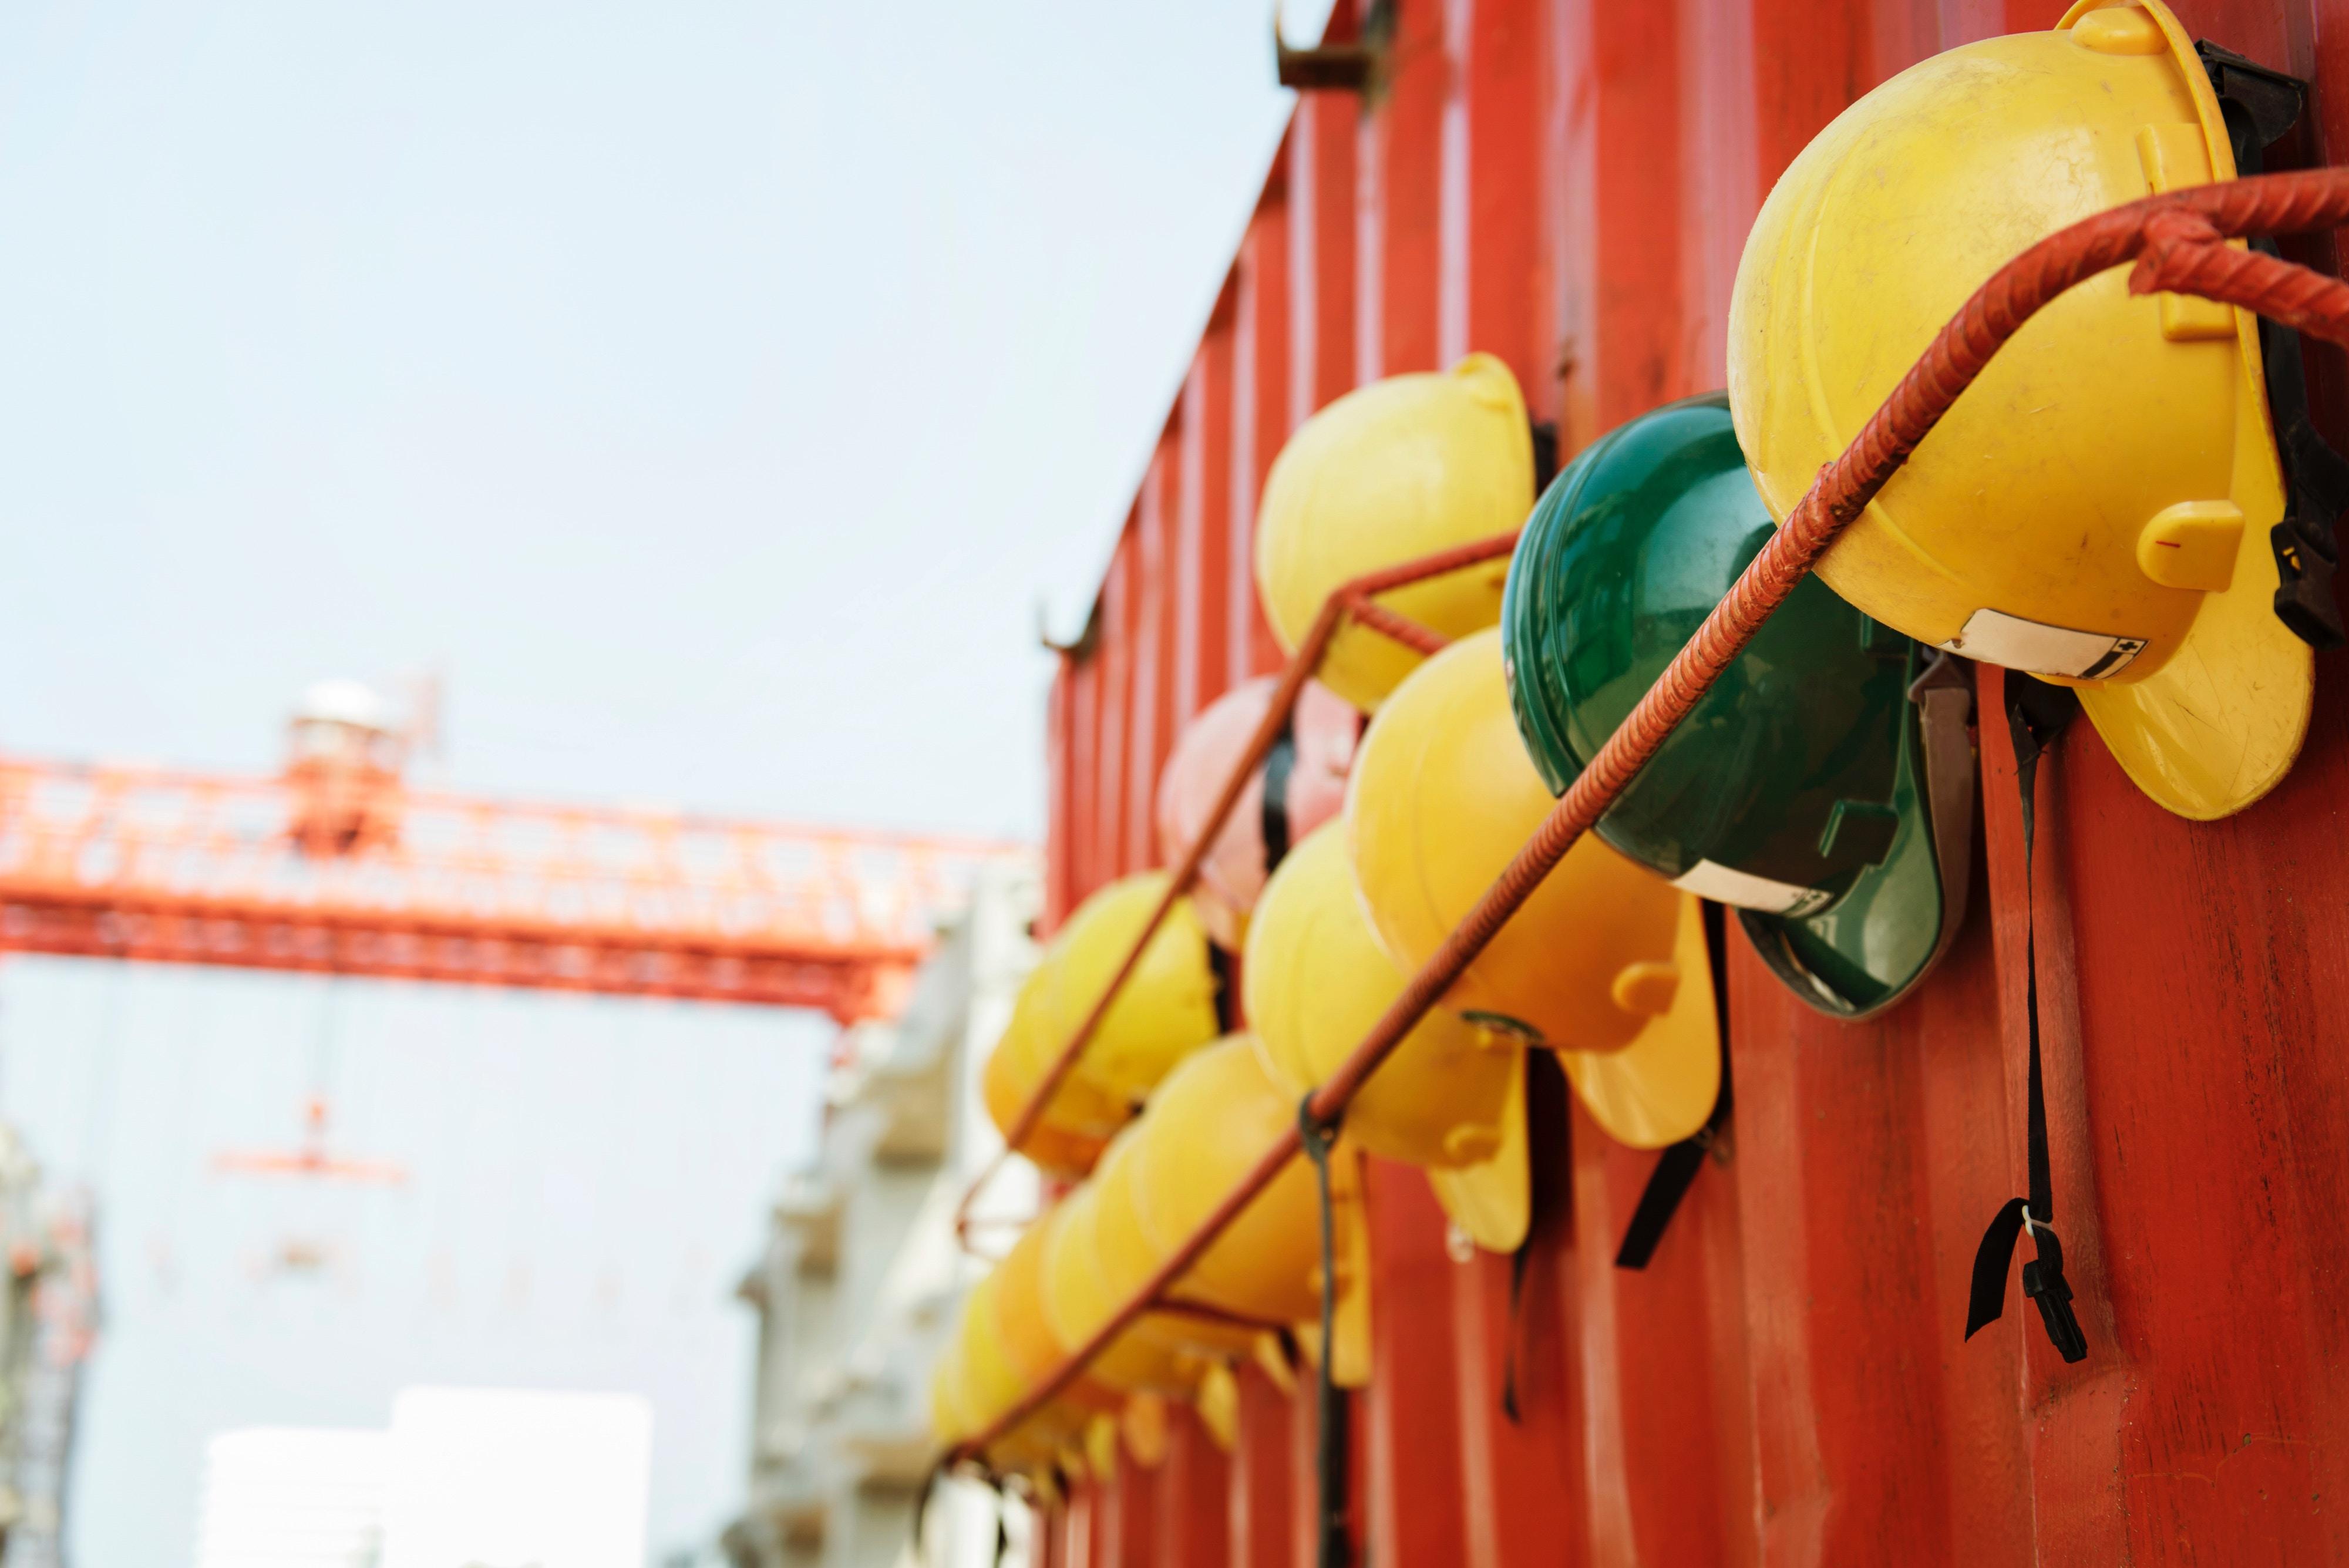 Accordo per la sicurezza nei luoghi di lavoro, la salute prima di tutto